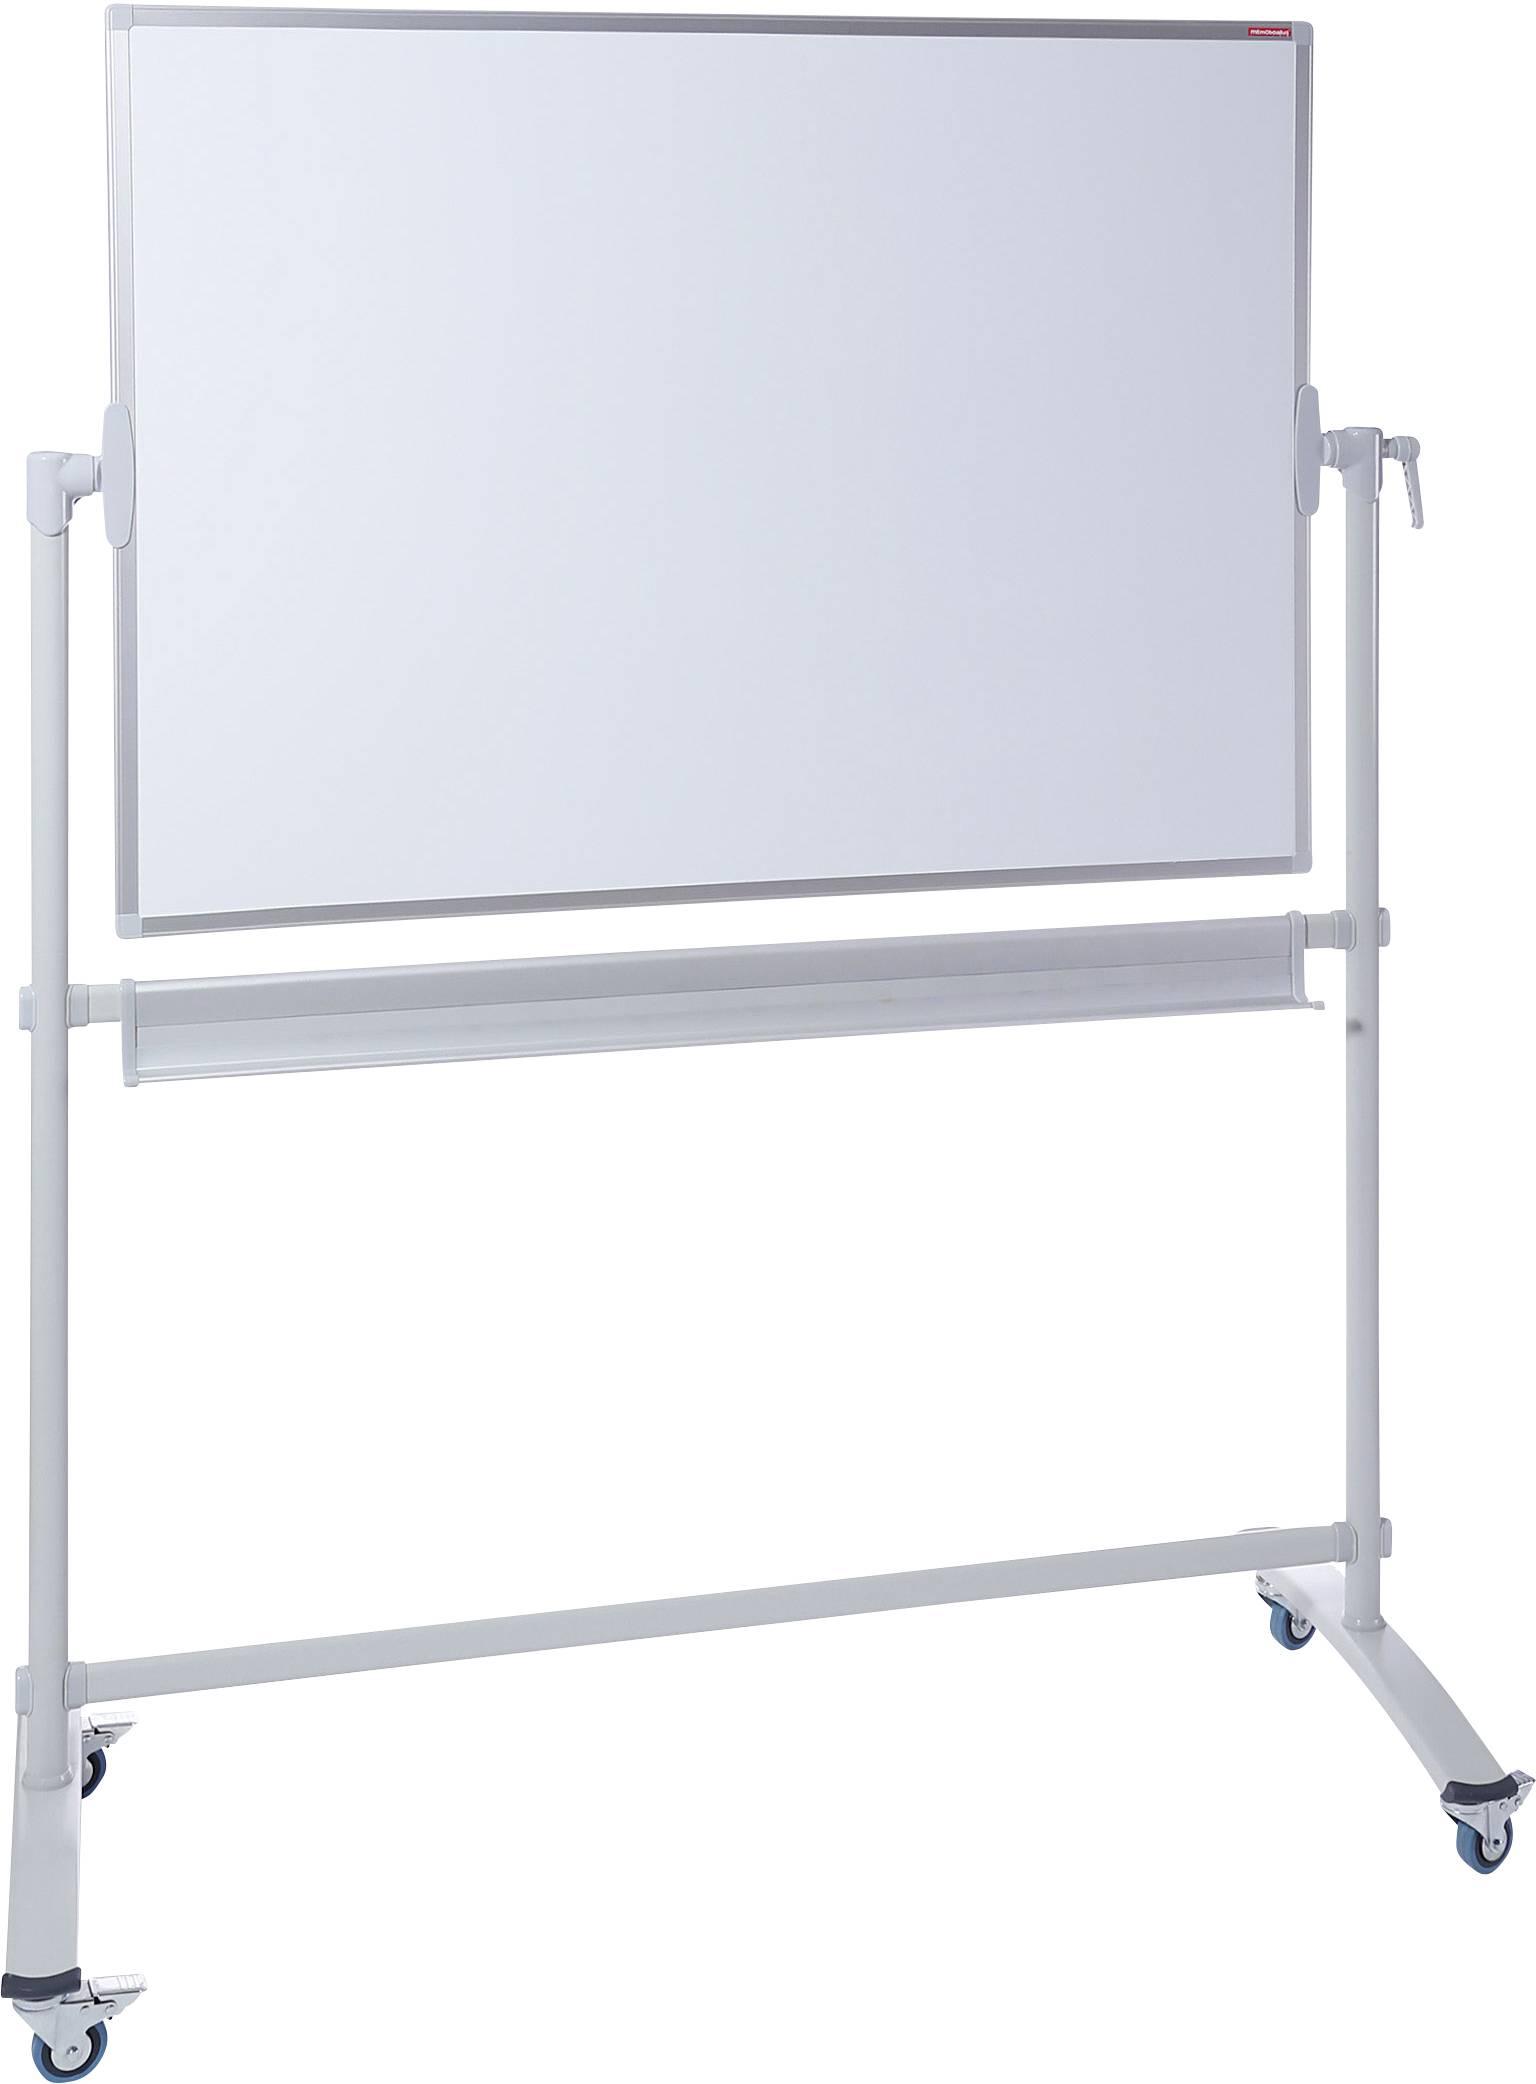 tableau blanc mobile dahle 76 96180 12863 l x h 100 cm x 150 cm blanc laque 1 pc s